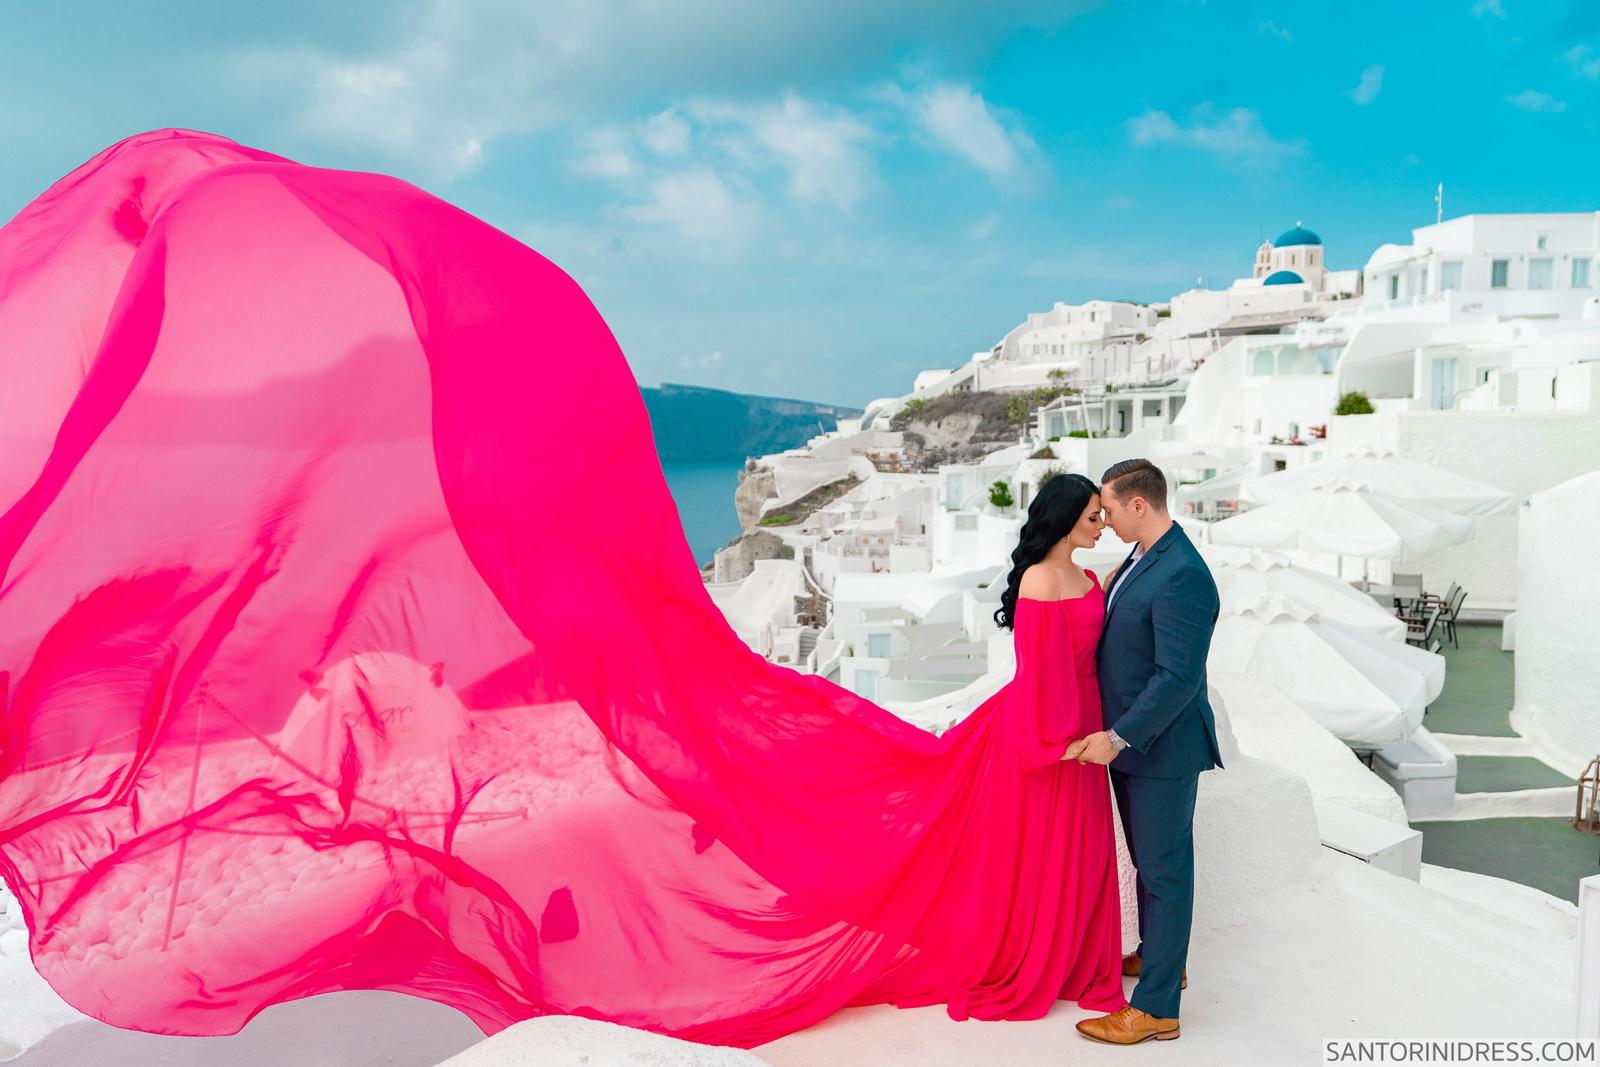 Meredith: свадьба на санторини, свадебное агентство Julia Veselova - Фото 11